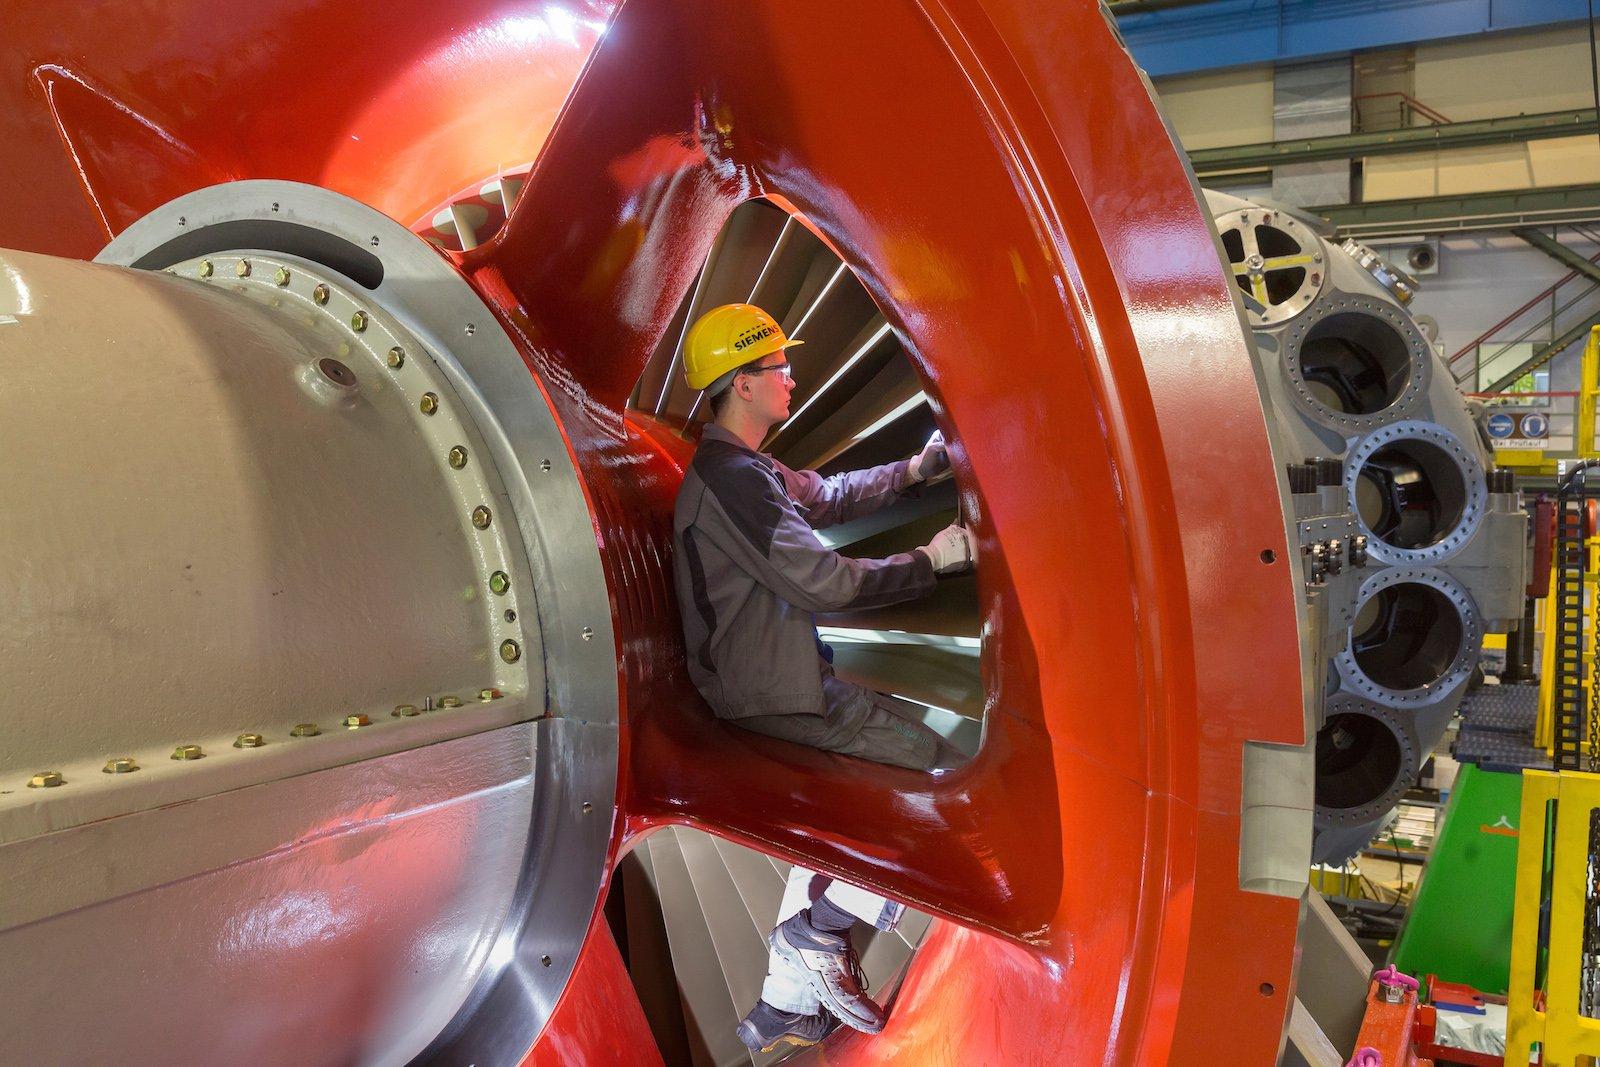 Ein Siemens-Mitarbeiter bei der Radialspaltmessung an der Leitschaufel im Verdichterbereich der Gasturbine.